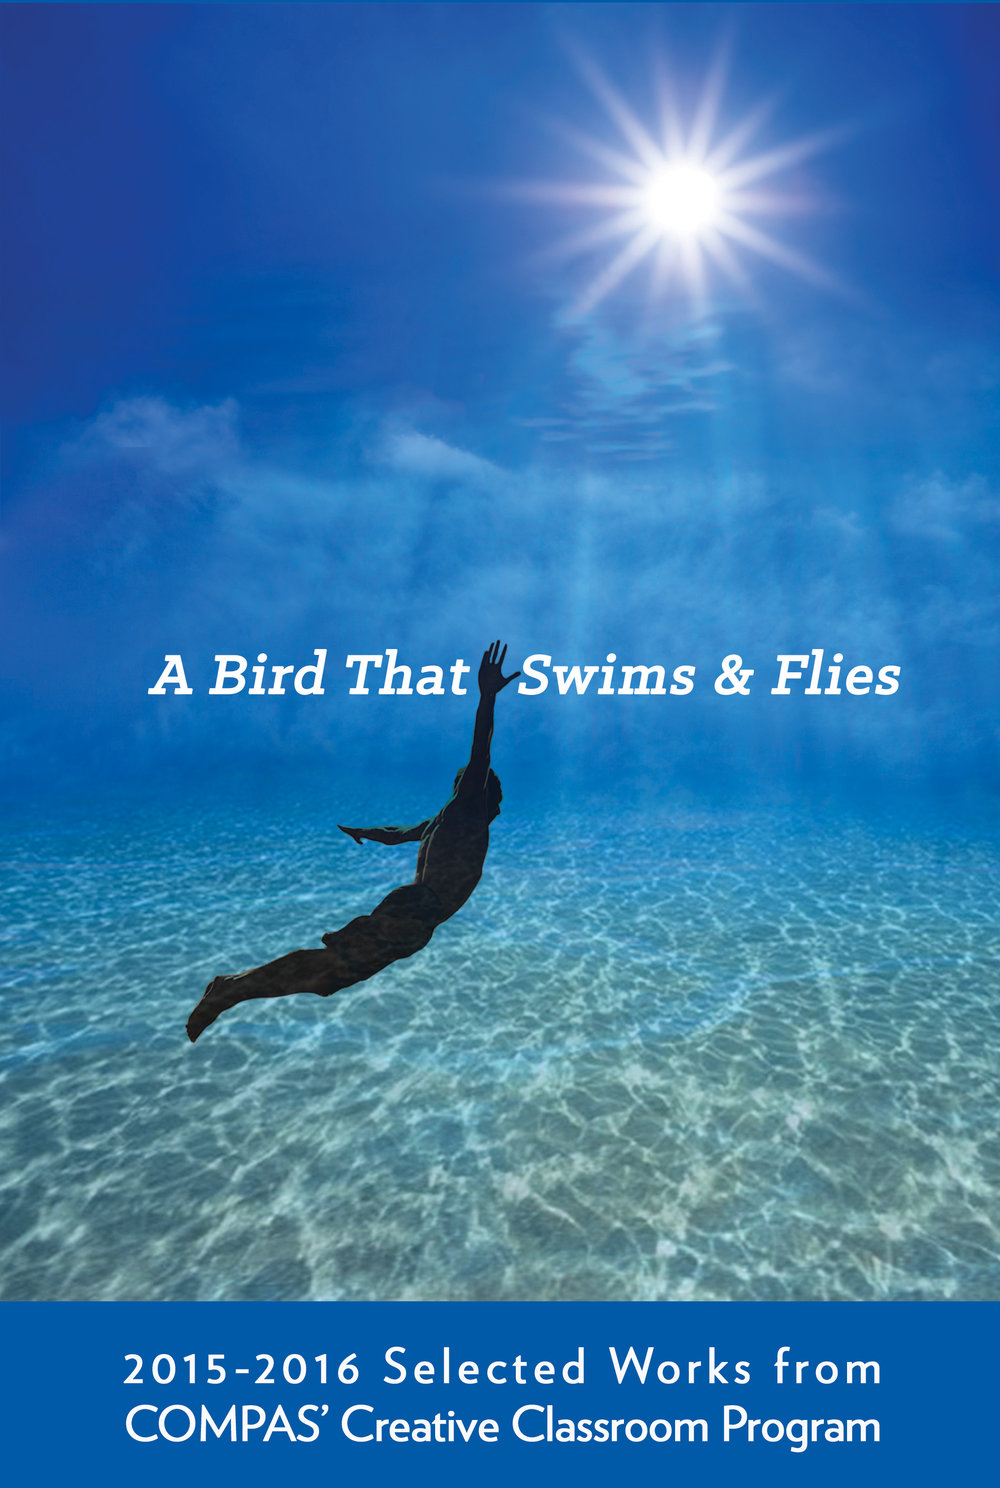 ABirdThatSwimsAndFlies_BookCover.jpg